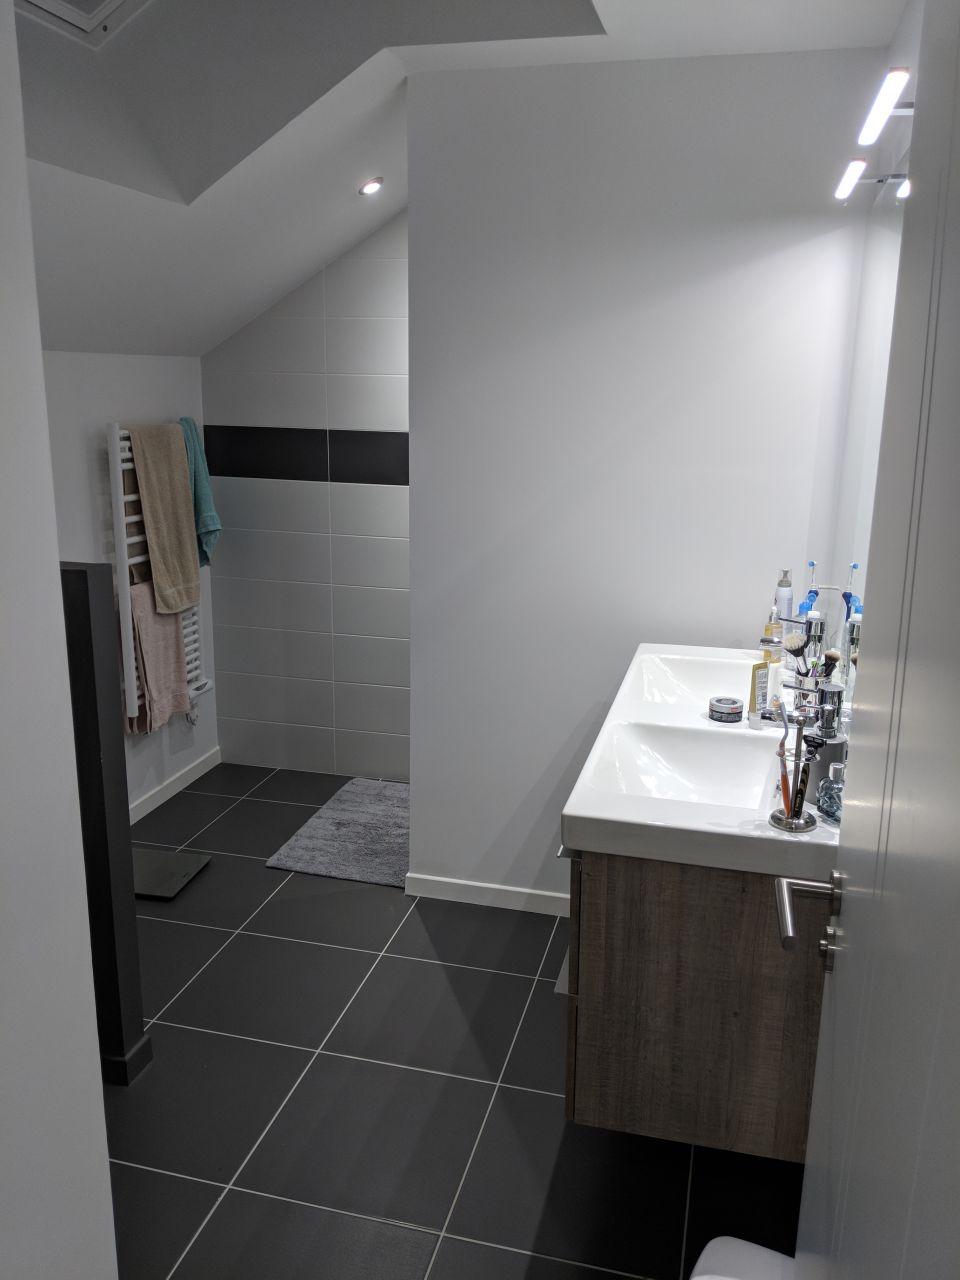 A gauche derrière le mur les WCs, au fond la douche et a droite la double vasque